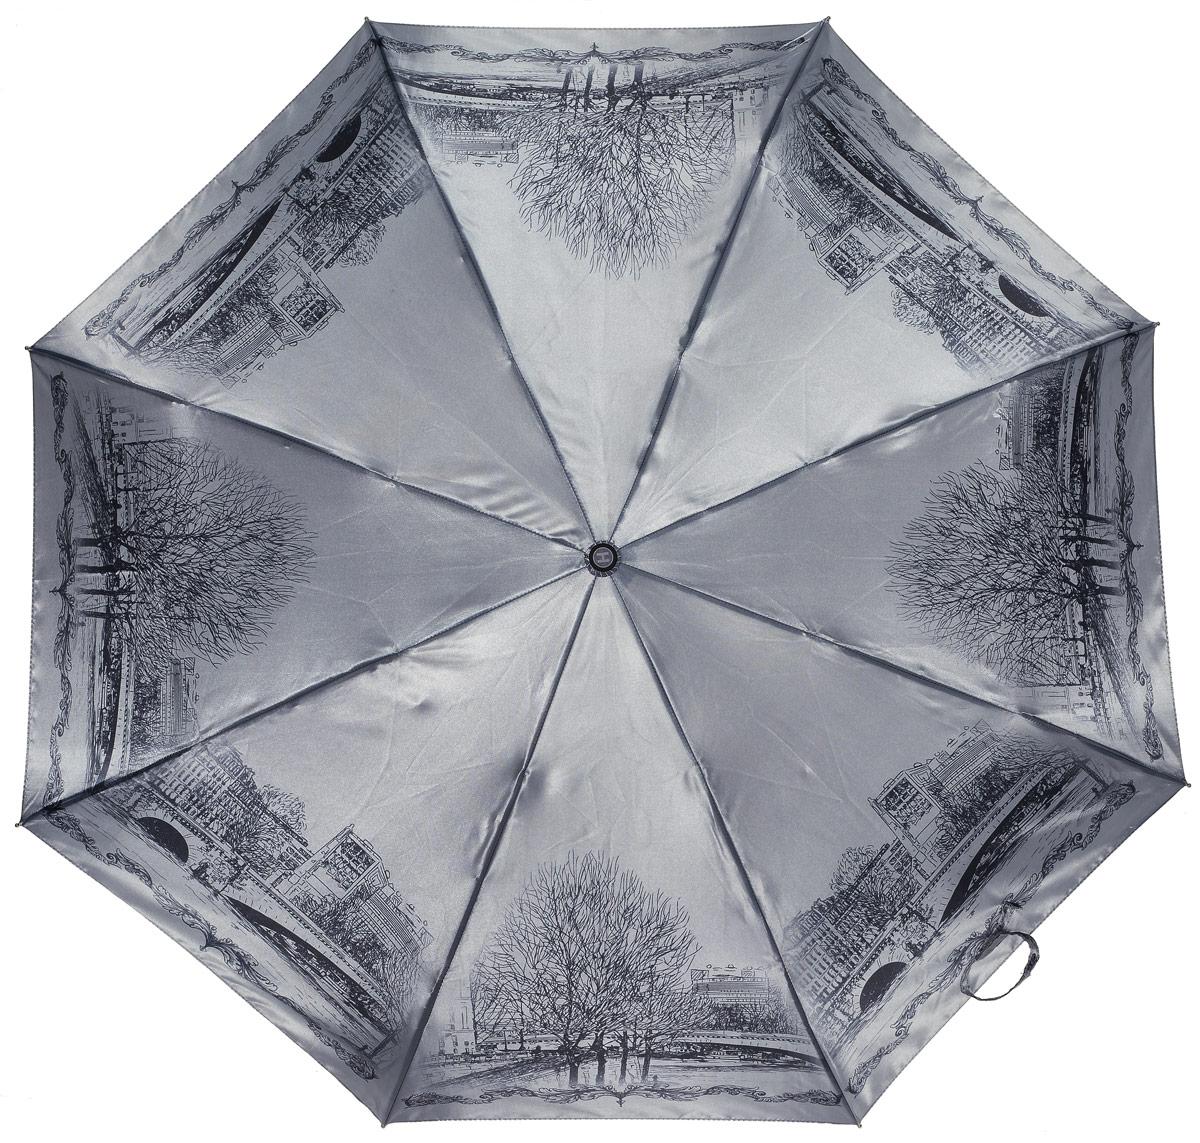 Зонт женский Henry Backer, 3 сложения, цвет: серый. U21201 Old Bridge3.7-12 navyЖенский зонт с сатиновым куполом «Старый мост», автоматПрочный, со стальными спицами и большим куполом зонт-автомат. У зонта ветроустойчивый каркас и удобная, нескользящая в ладони рукоять.